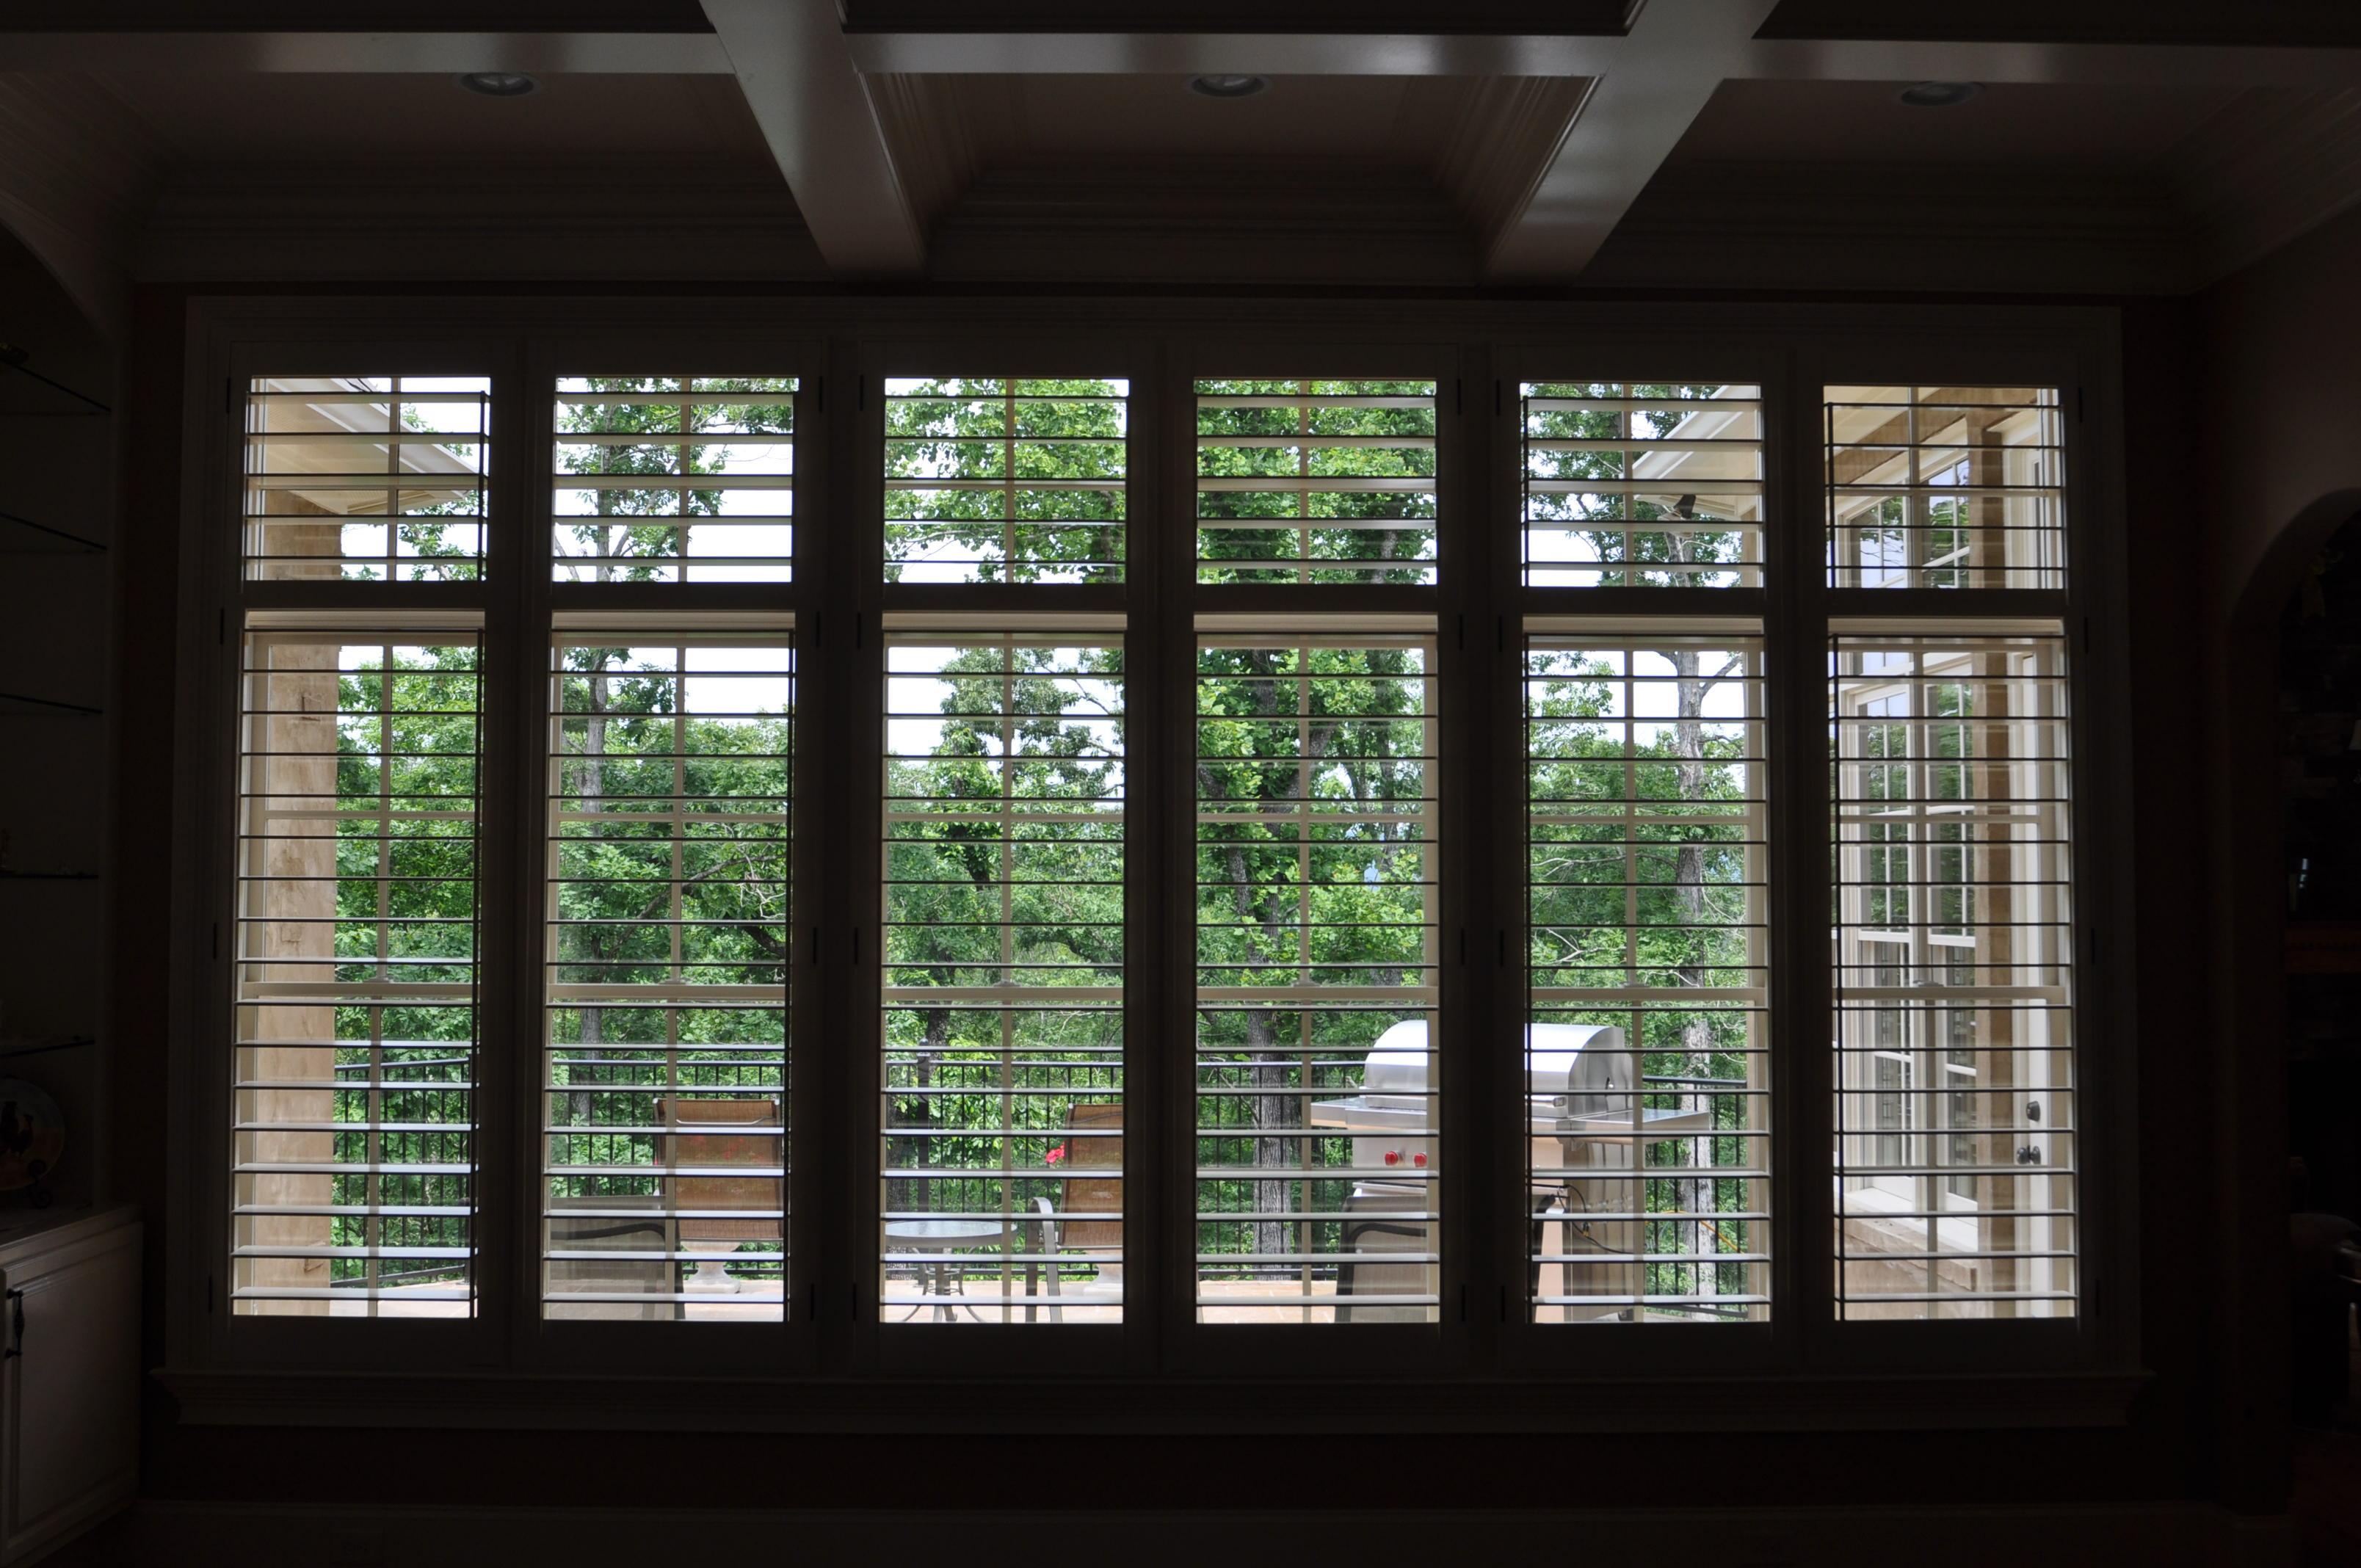 shutters-no tilt rods05 08 2012 07 40_0004